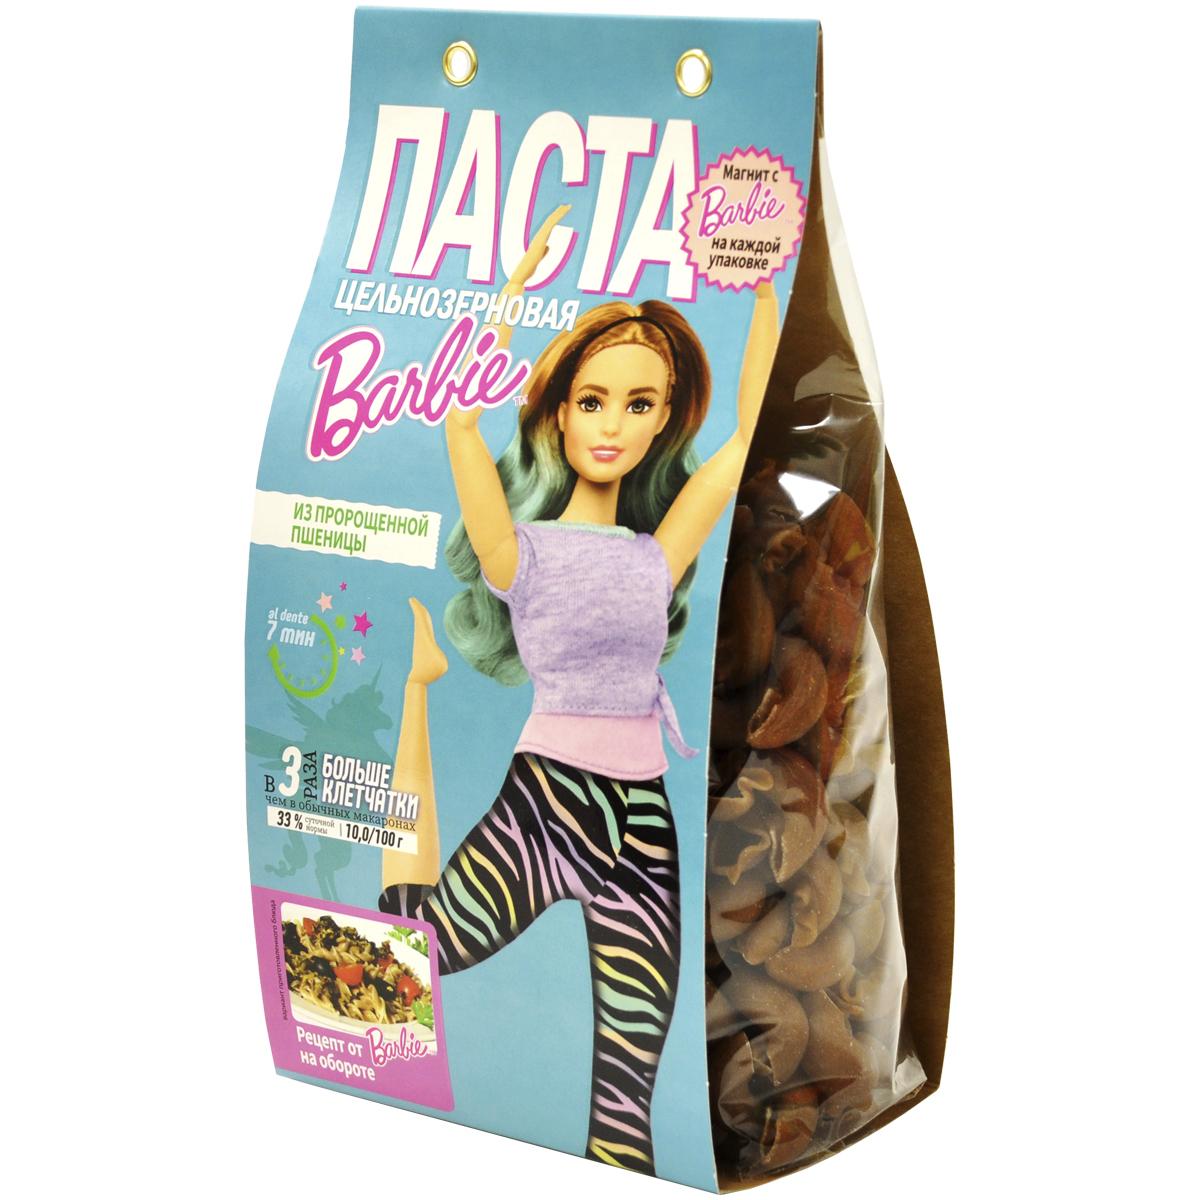 Barbie Макароны Цельнозерновые из Пророщенной Пшеницы 300г.